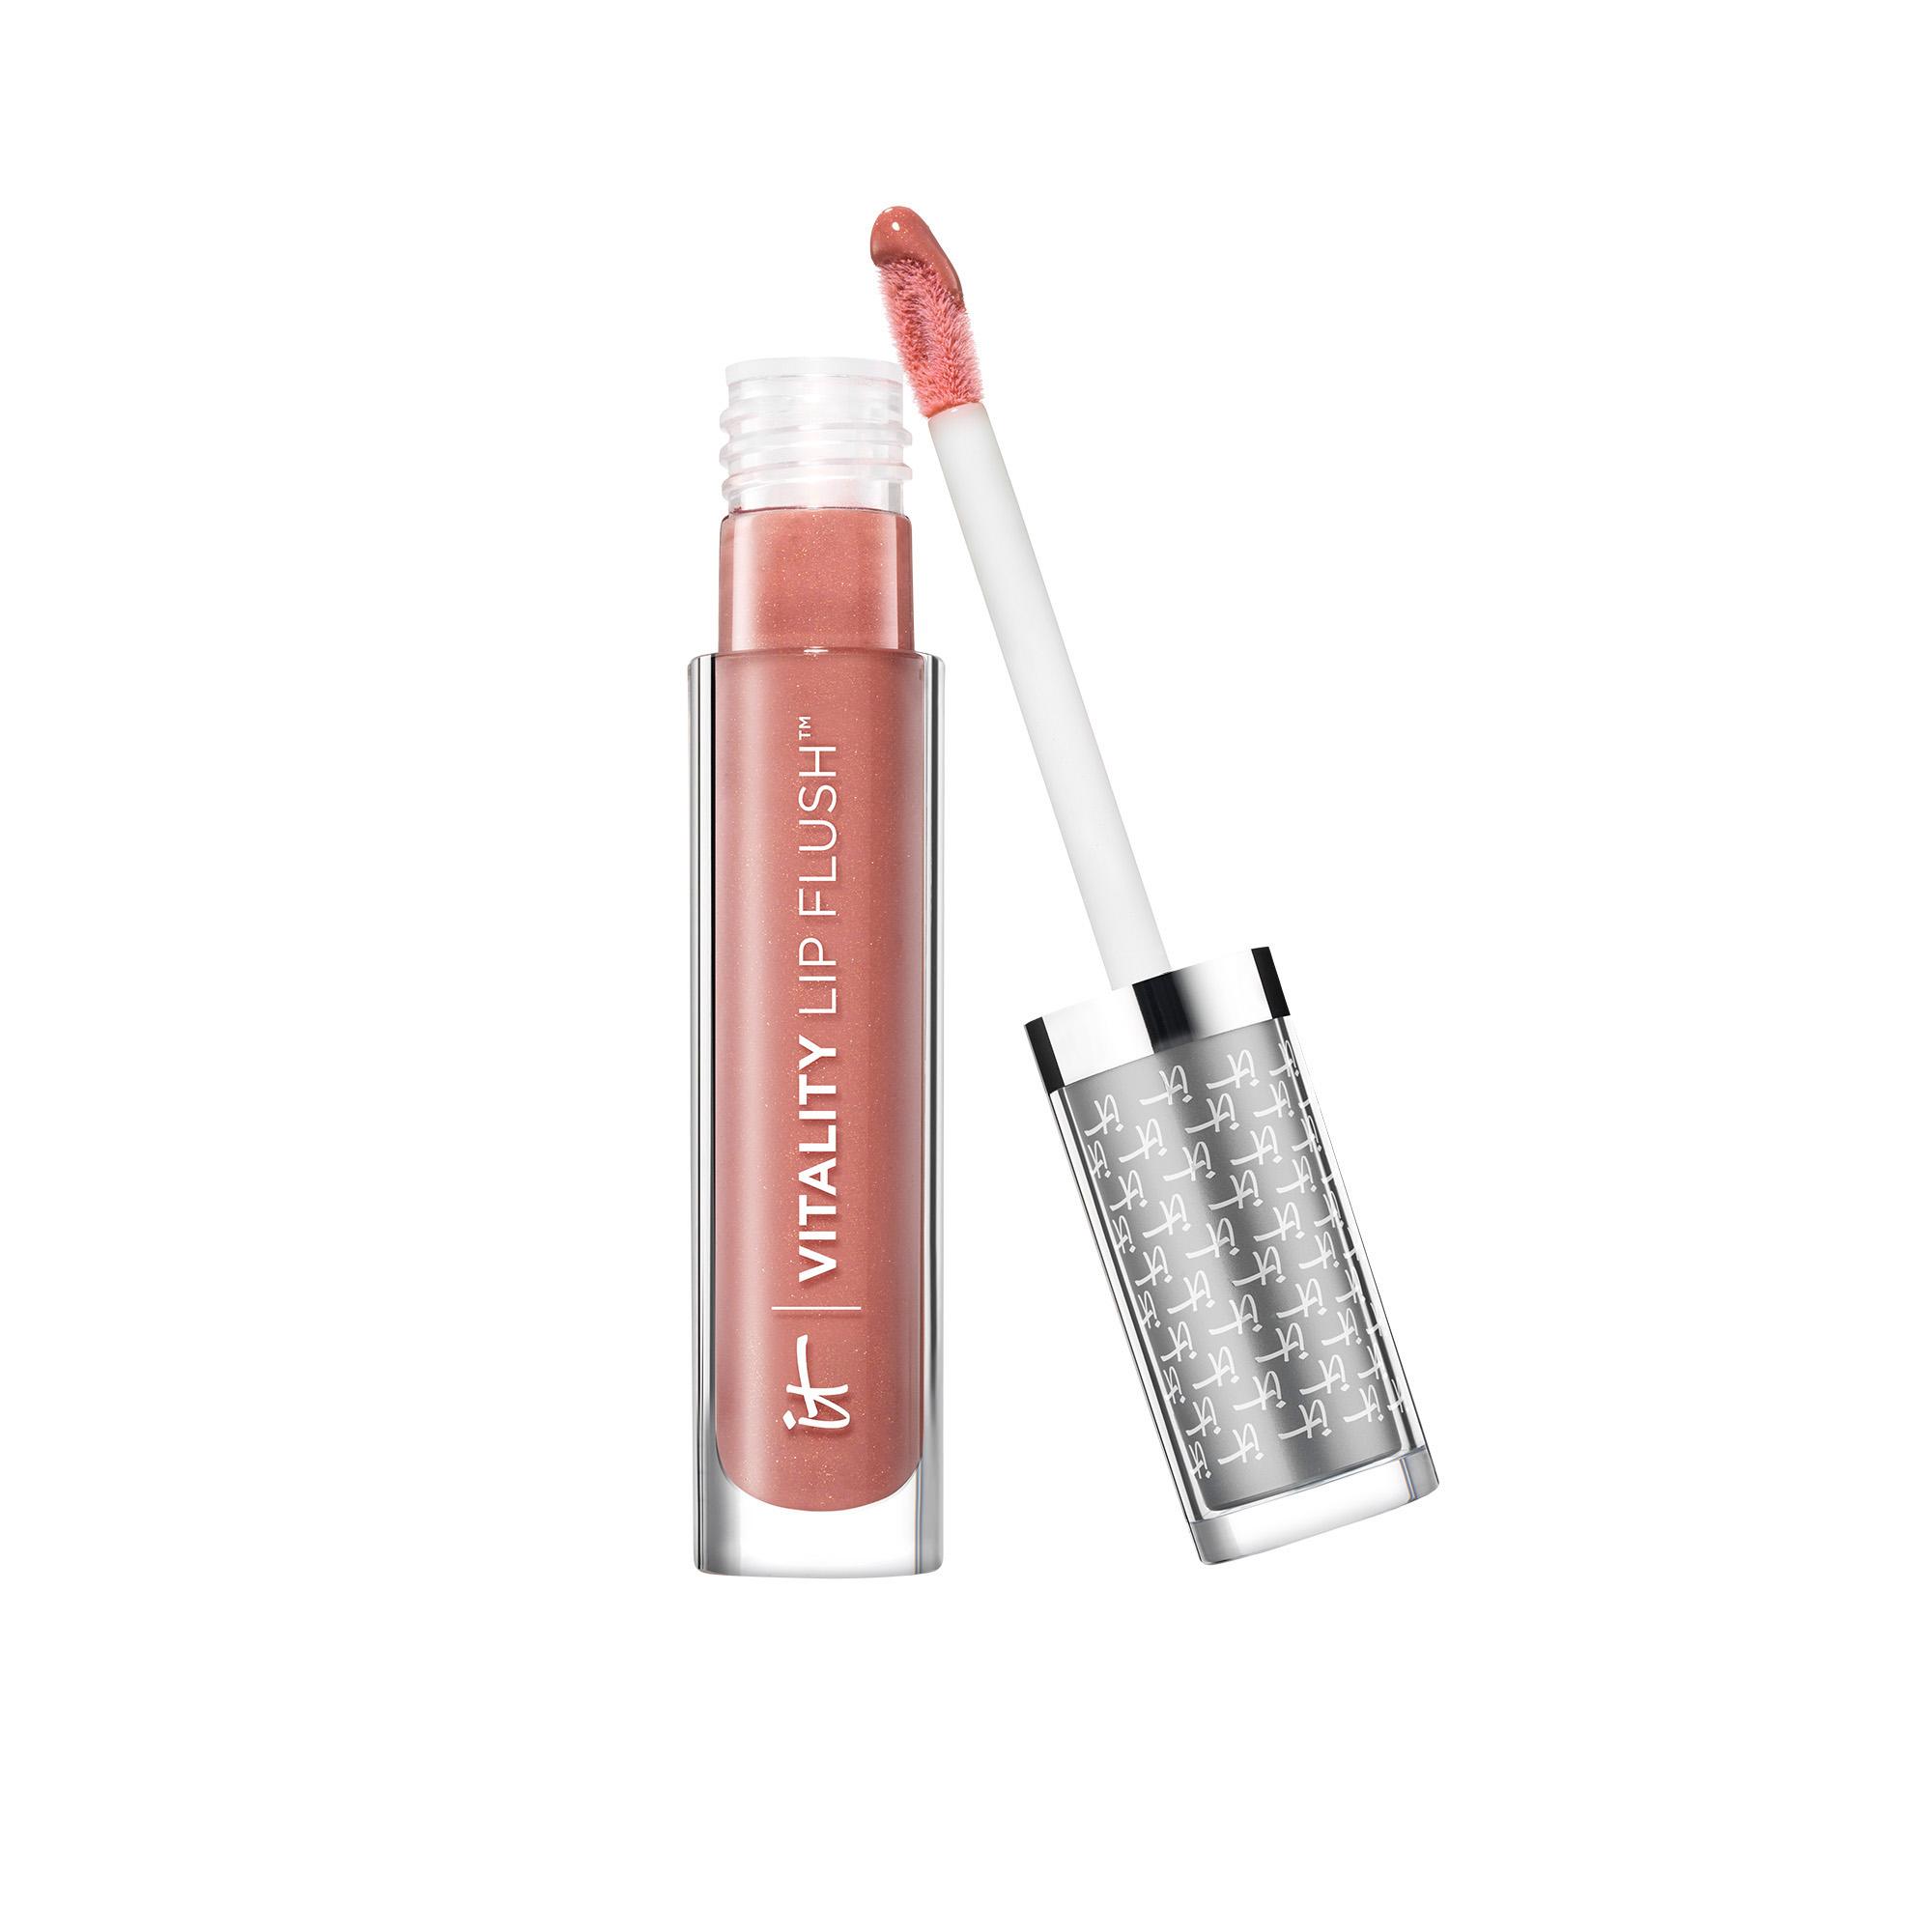 Vitality Lip Flush™ Butter Gloss Natural Pretty